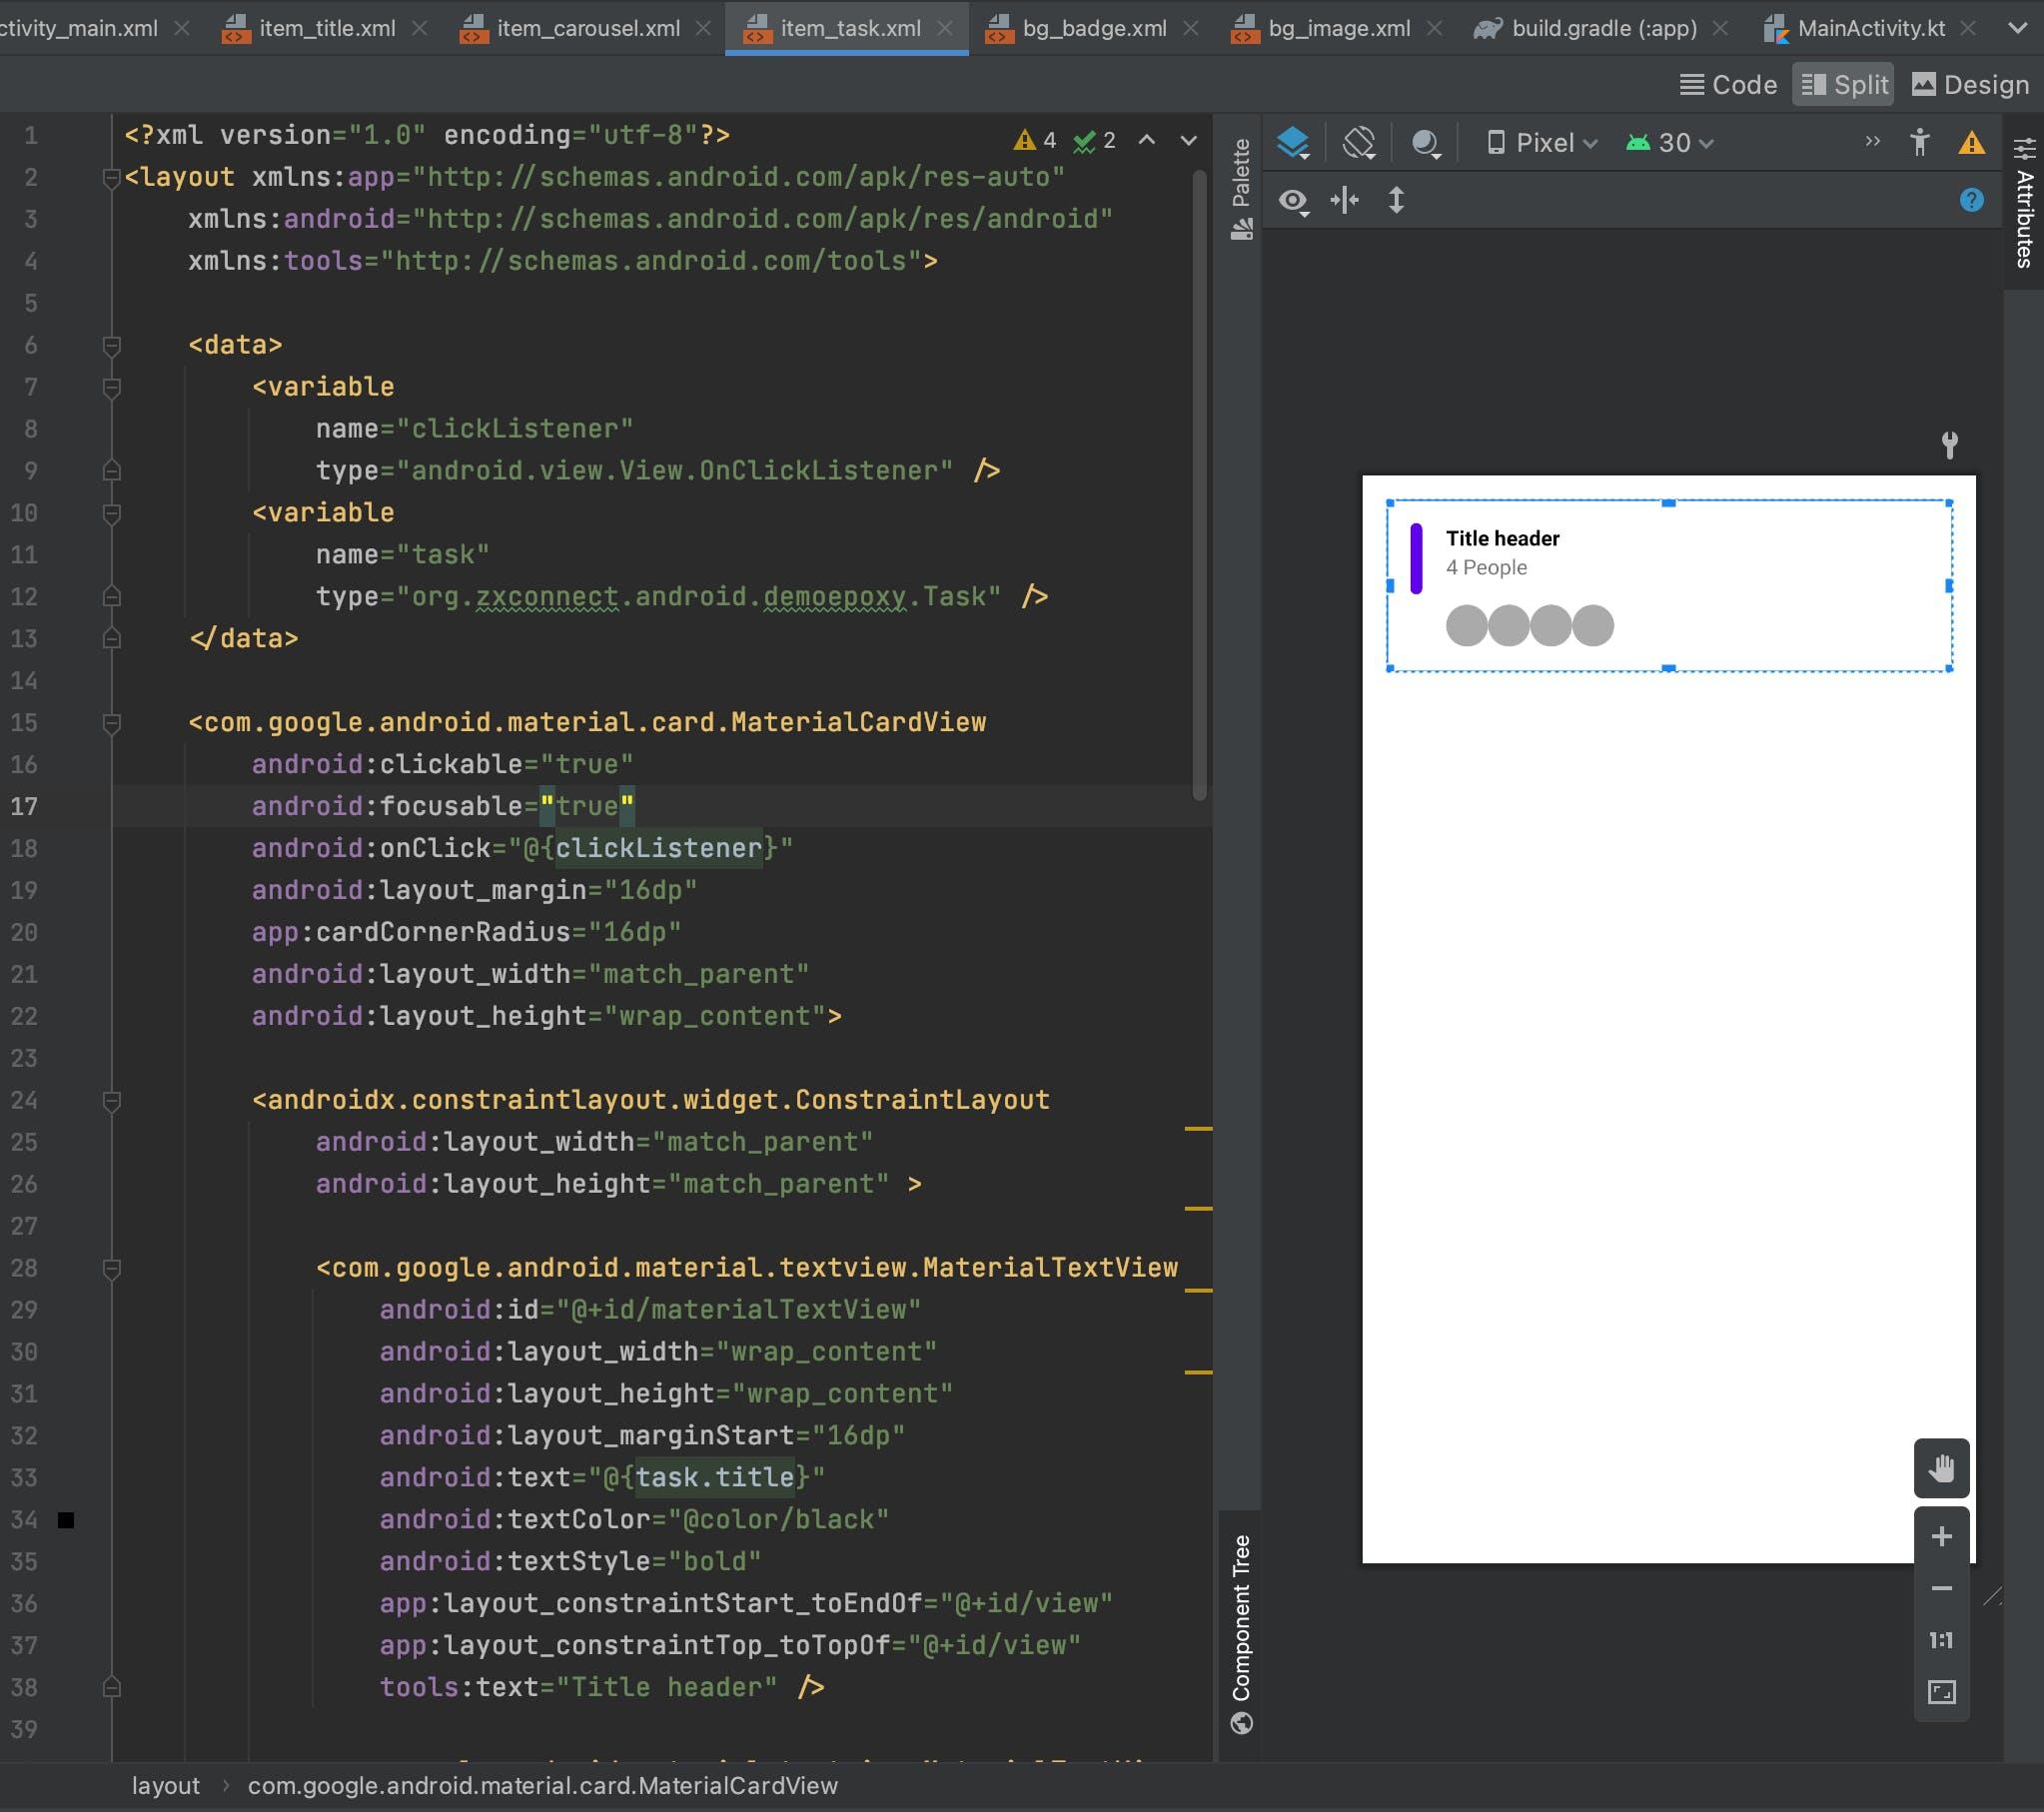 item_task.xml Preview